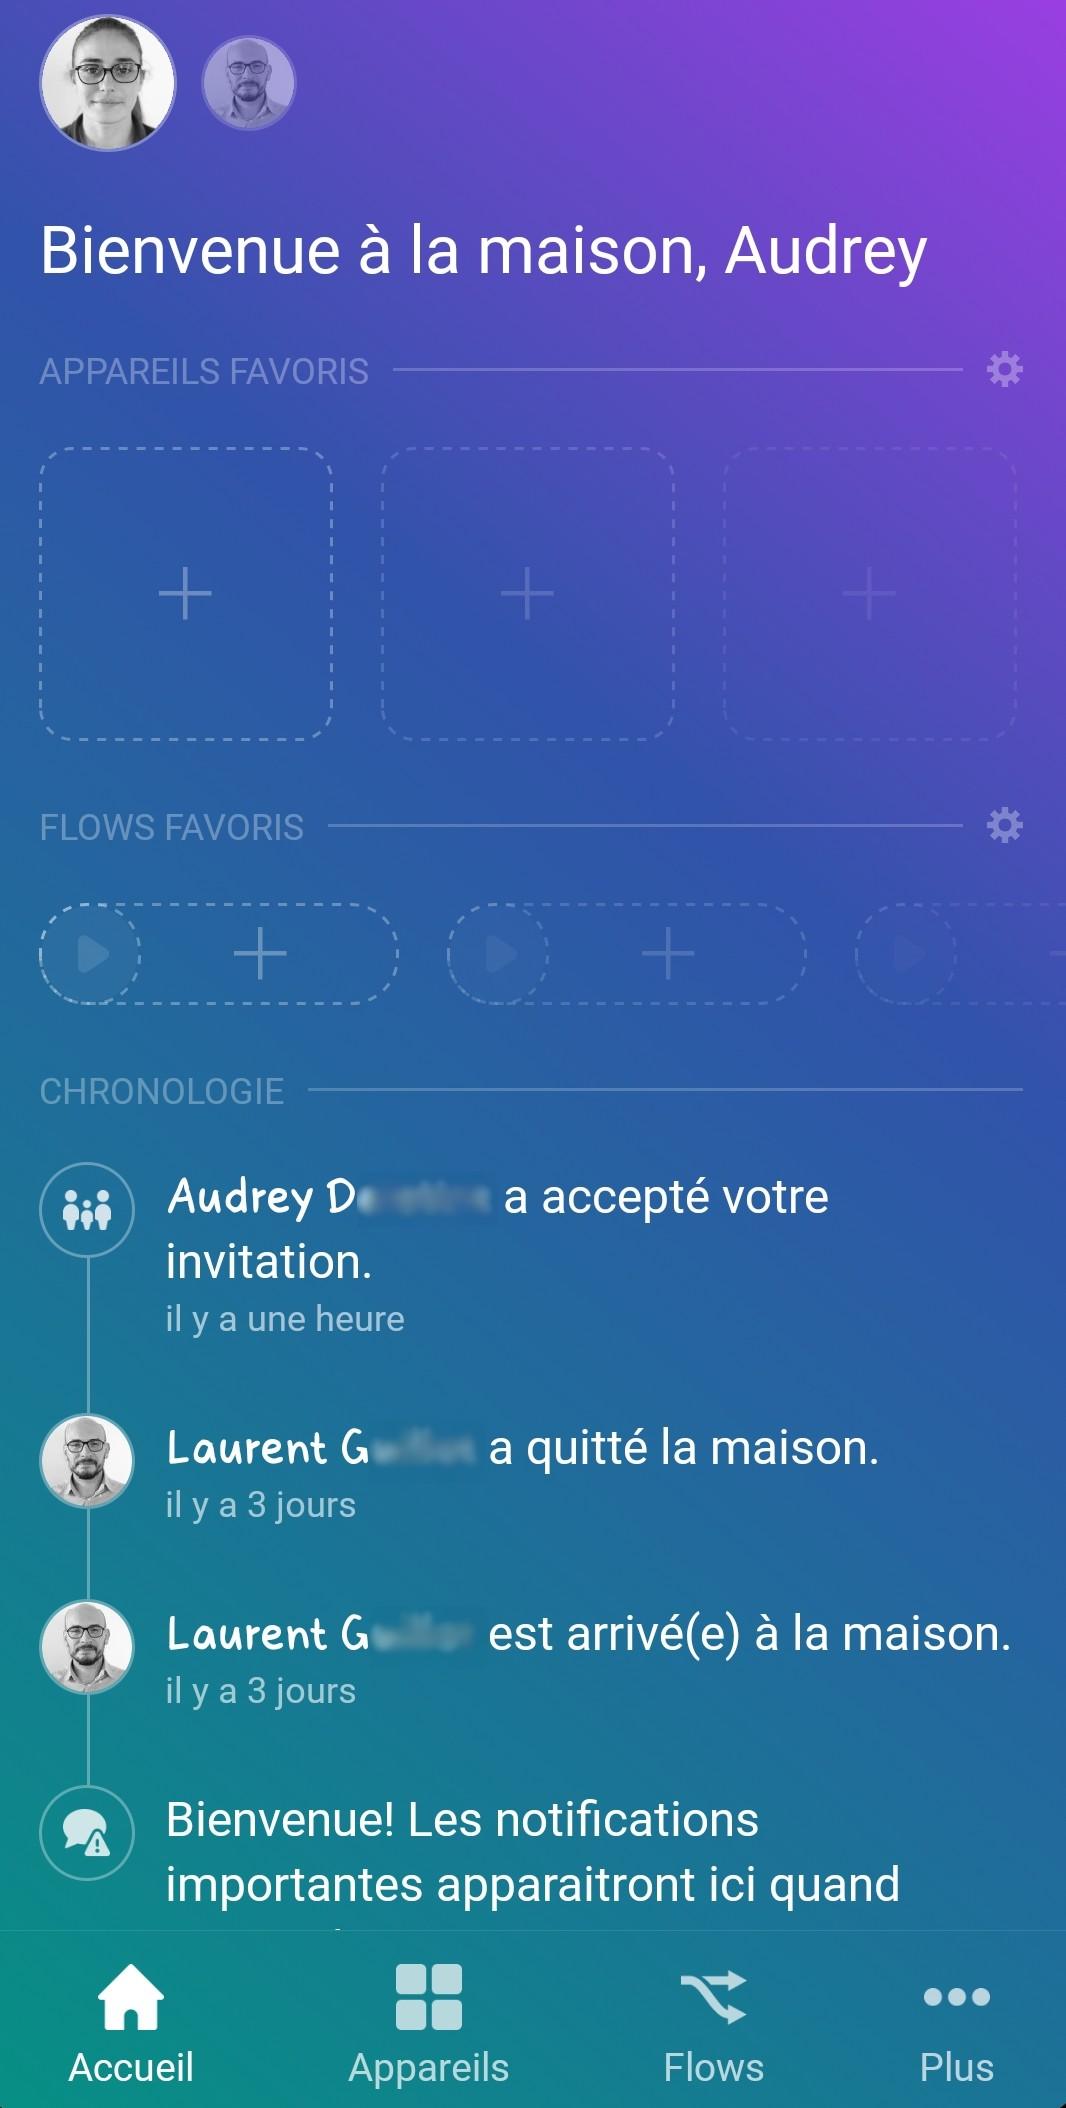 accueilAudrey